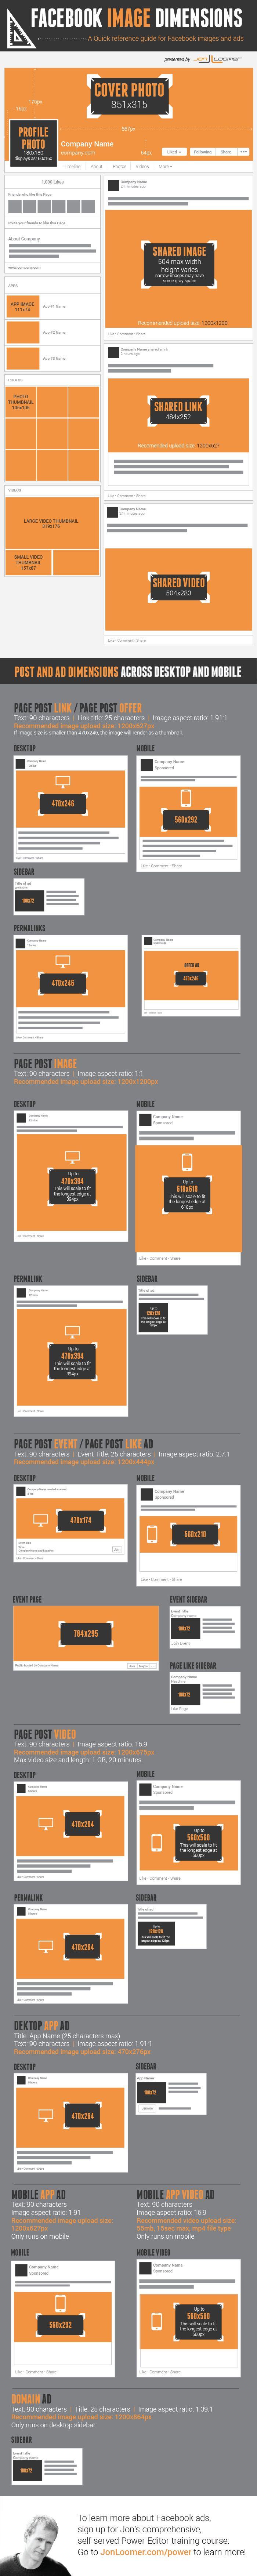 Todos os Tamanhos Para Imagens no Facebook: Timeline, Posts e Anúncios #Infographics